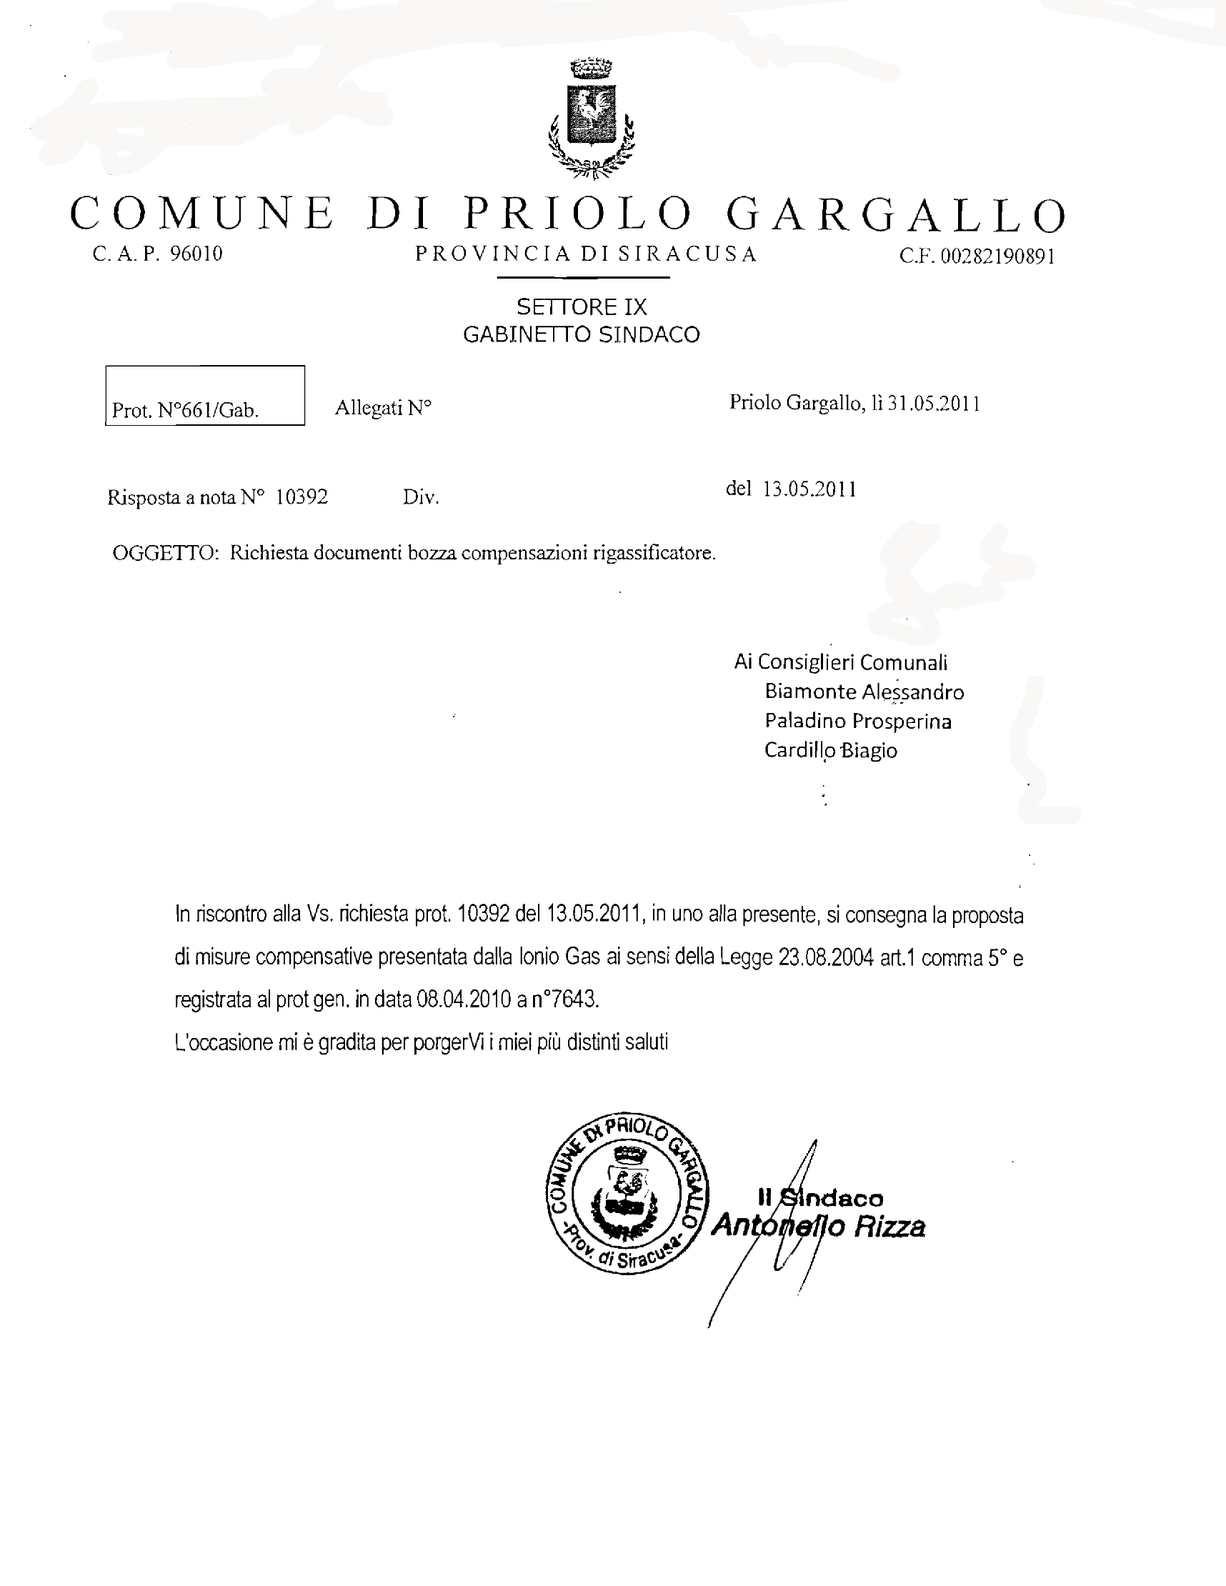 Calam o l 39 incredibile bozza compensazioni comune priolo for Priolo arredamenti roma